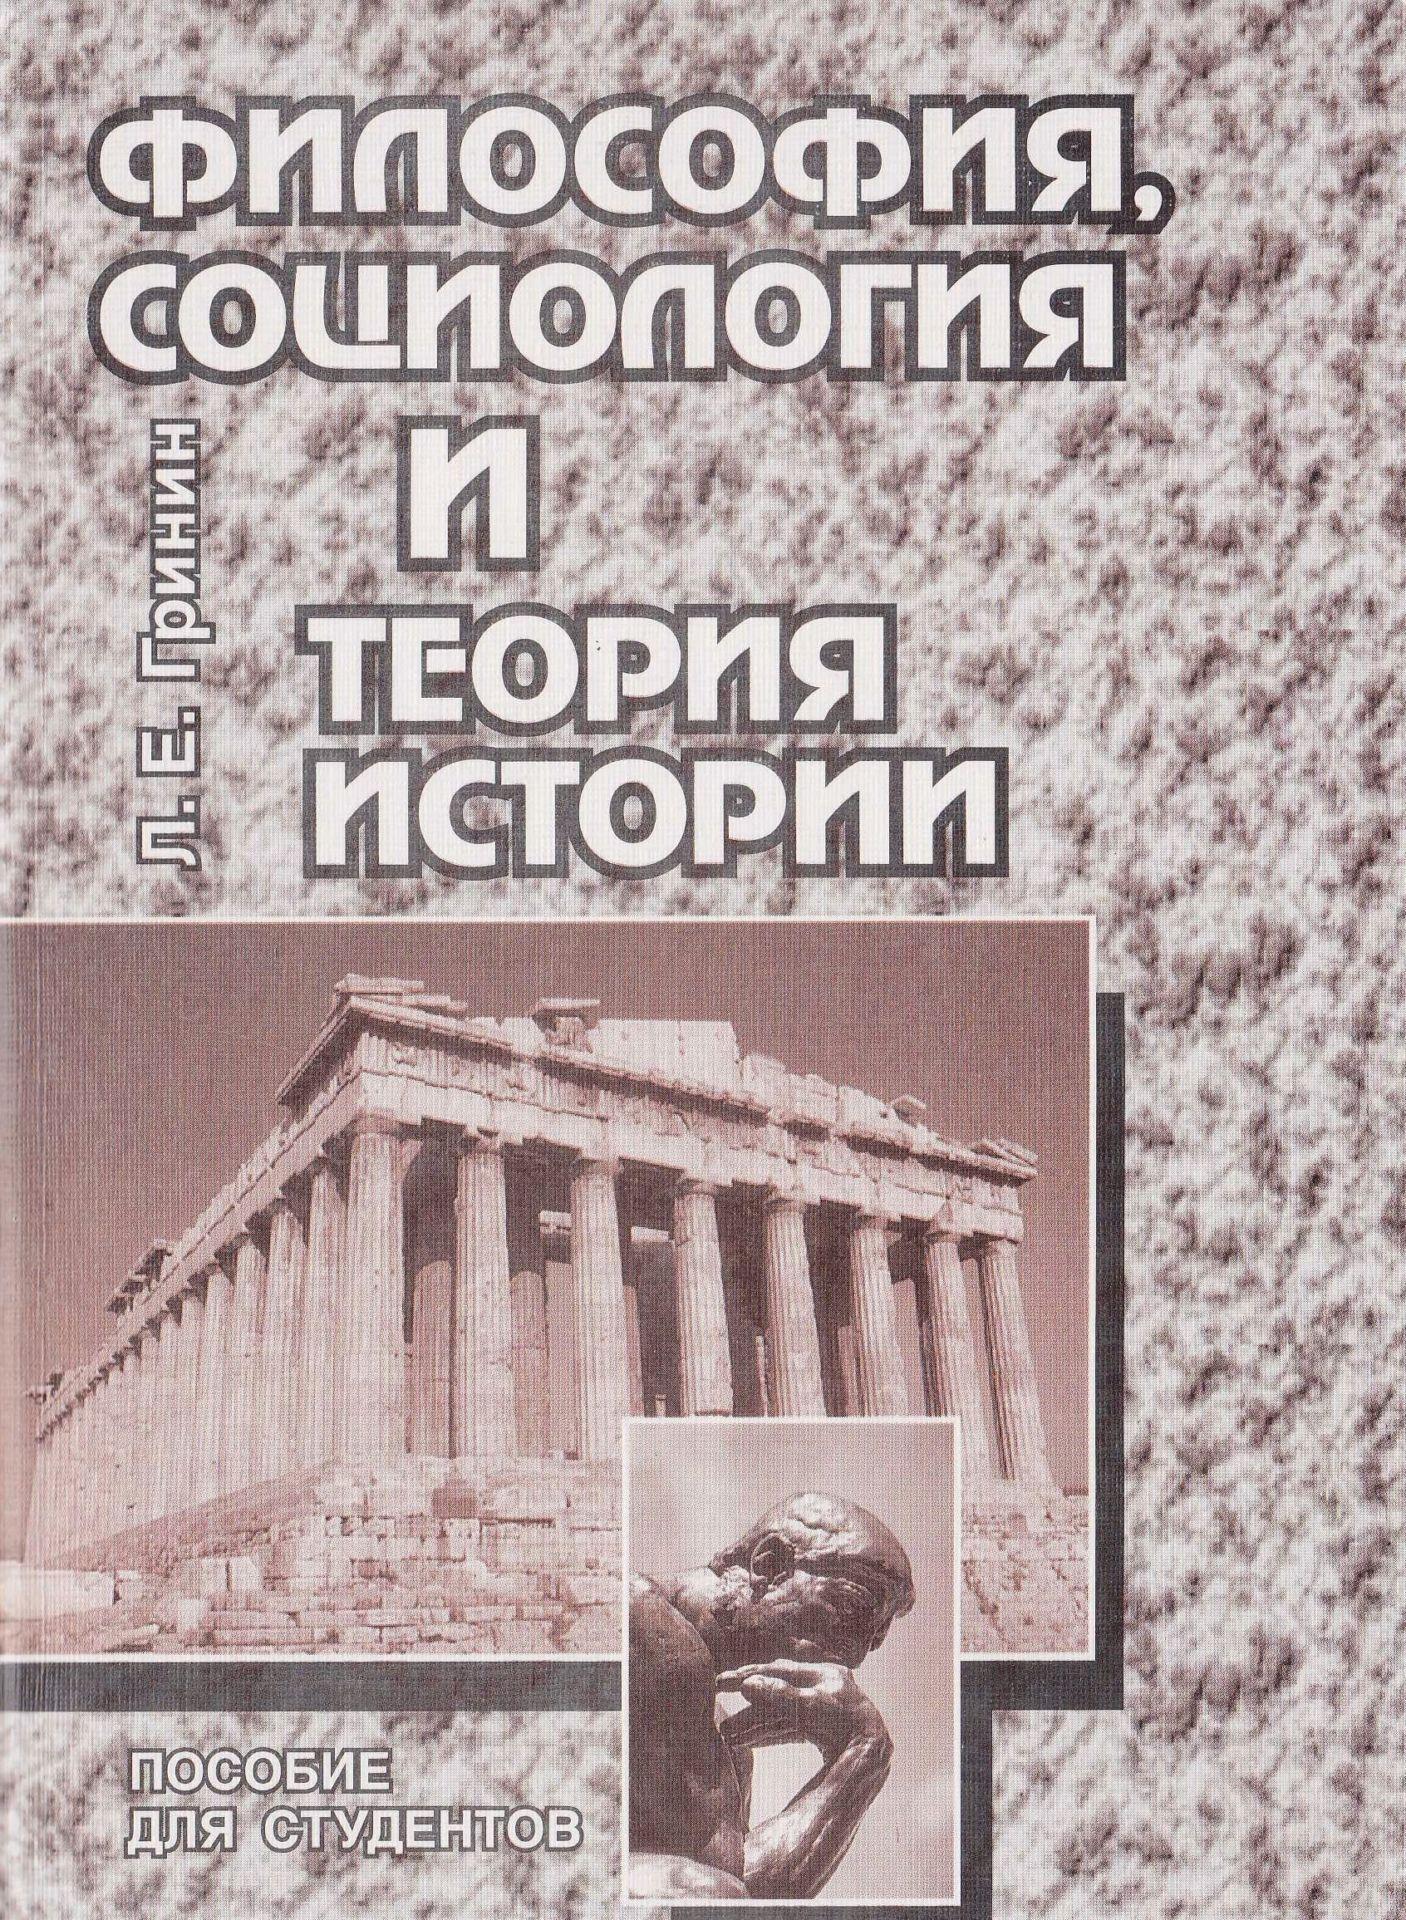 Купить со скидкой Философия, социология и теория истории. Пособие для студентов